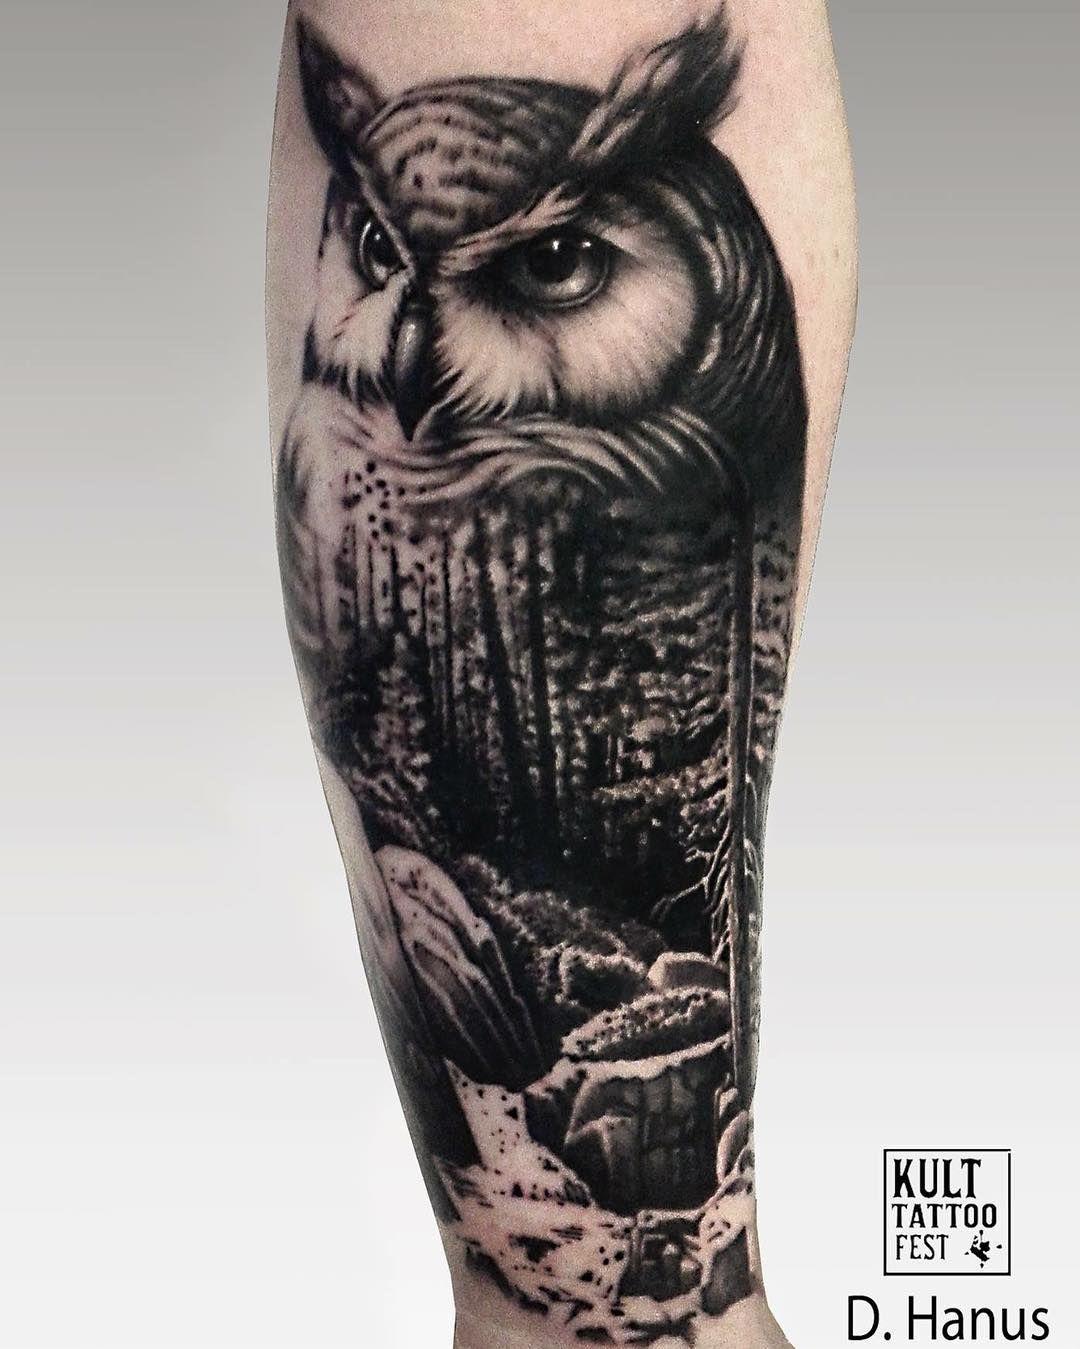 73 Best Owl Tattoos Design Ideas December 2020 Owl Tattoo Meaning Owl Tattoo Tattoos